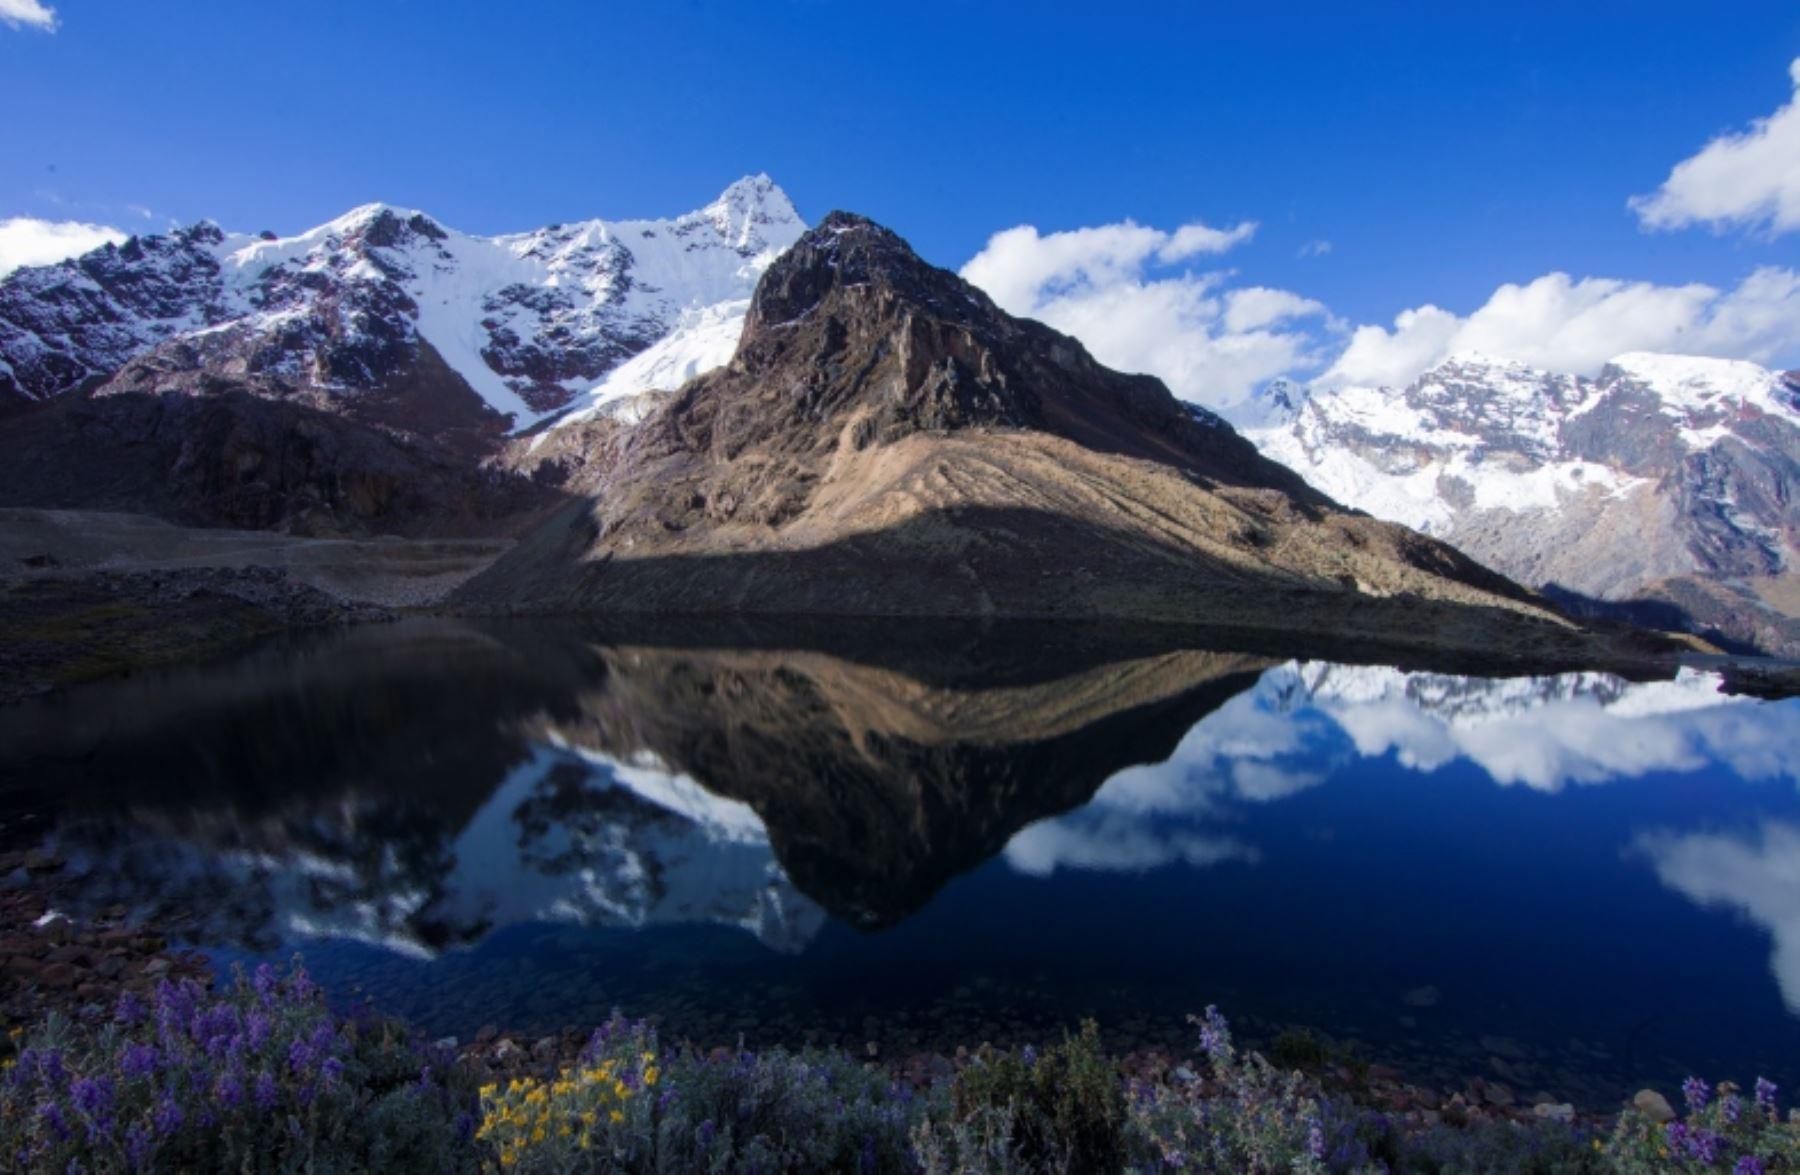 El Callejón de Huaylas es un excelente destino para para practicar deportes de aventura y turismo de naturaleza. ANDINA/archivo.